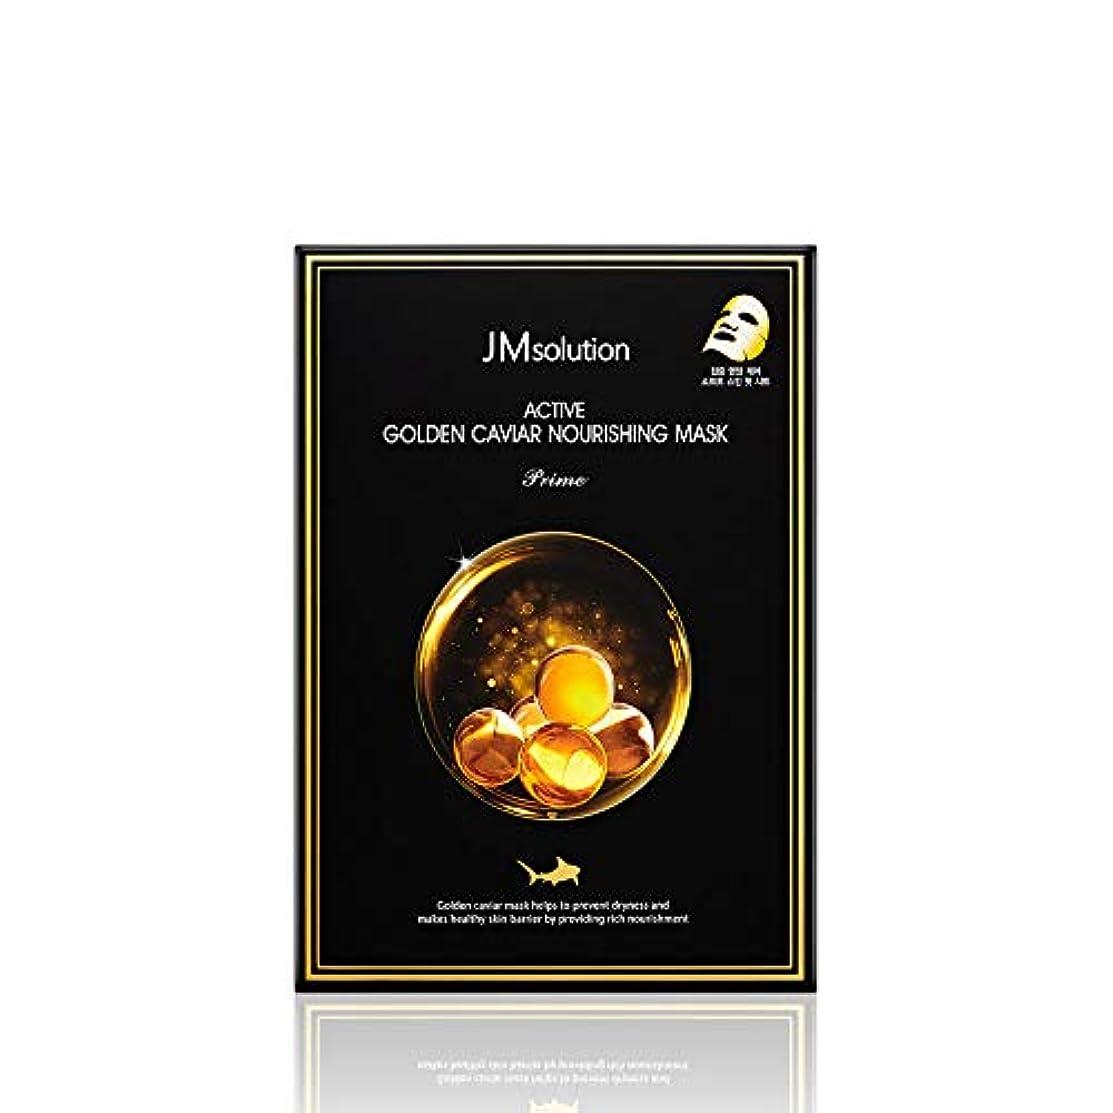 違反する壊れたロケーションJMソリューション(JM Solution) 乾燥肌のためのアクティブゴールデンキャビア栄養マスクプライム 30mlx10P / Active Golden Caviar Nourishing Mask Prime For...